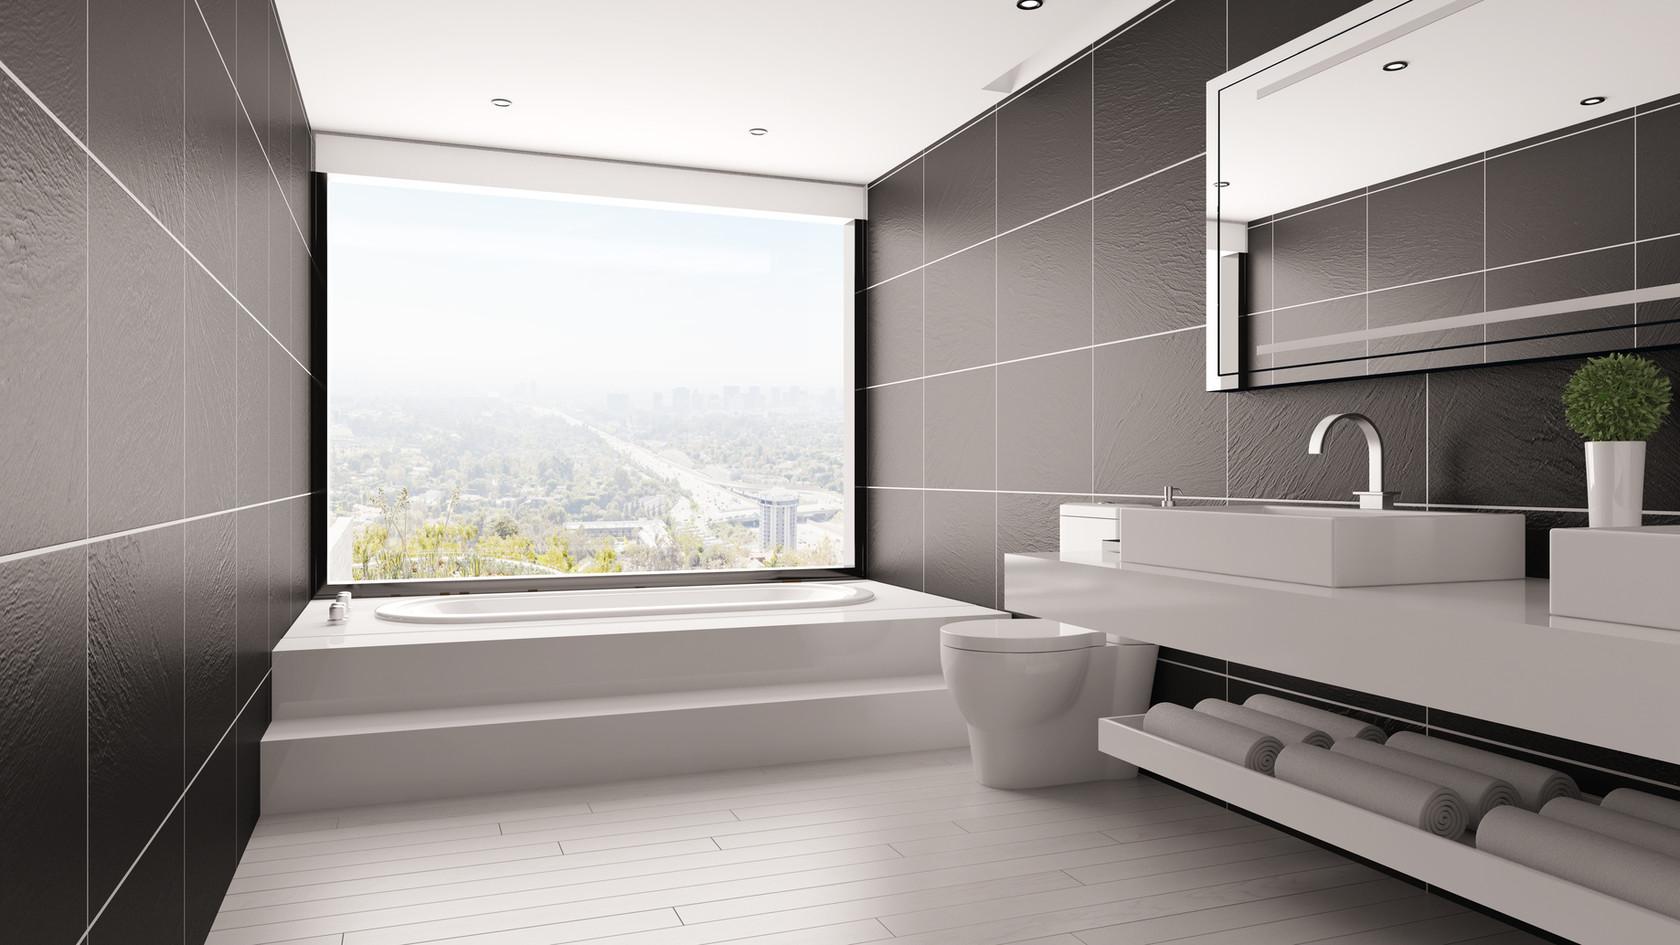 s t heizungsservice luxusbad sanierungen berlin. Black Bedroom Furniture Sets. Home Design Ideas